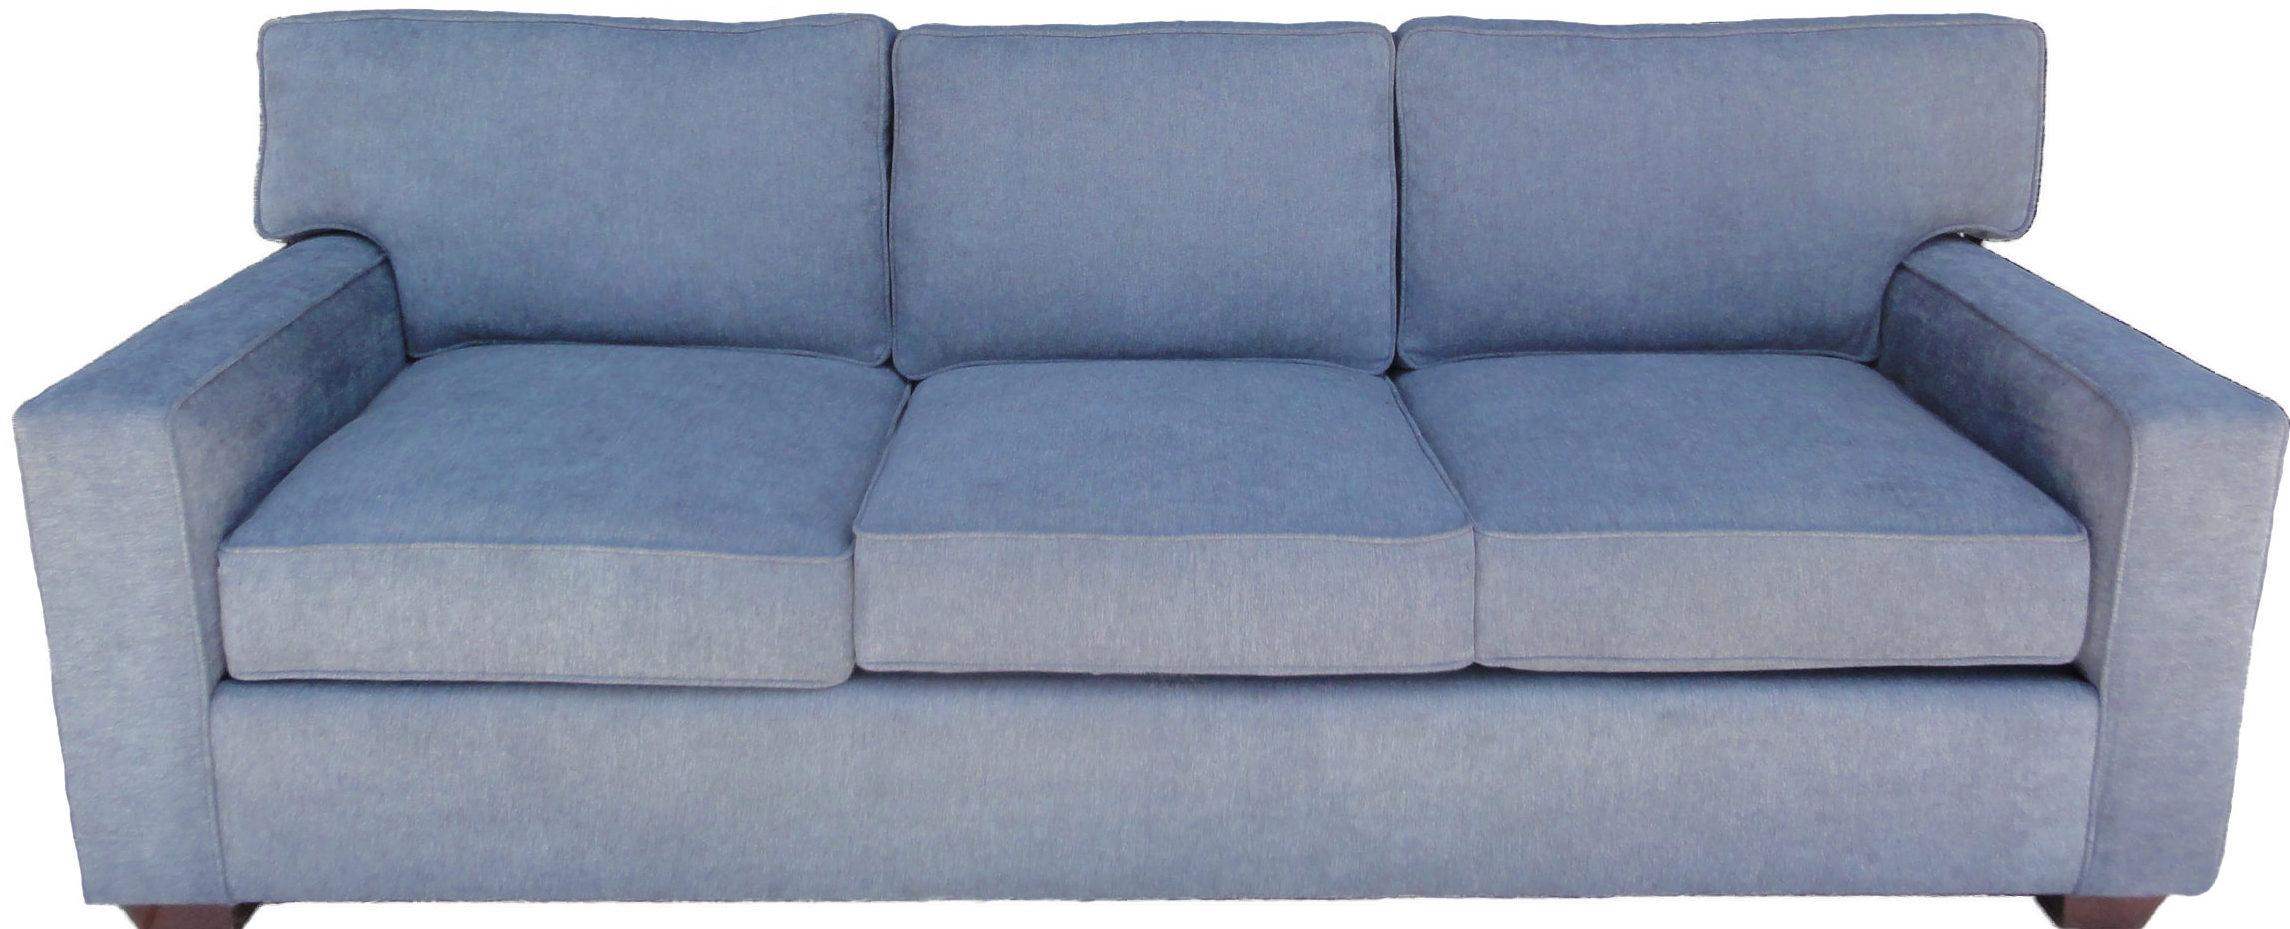 Mesa-sofa-santa-barbara-design-center-1